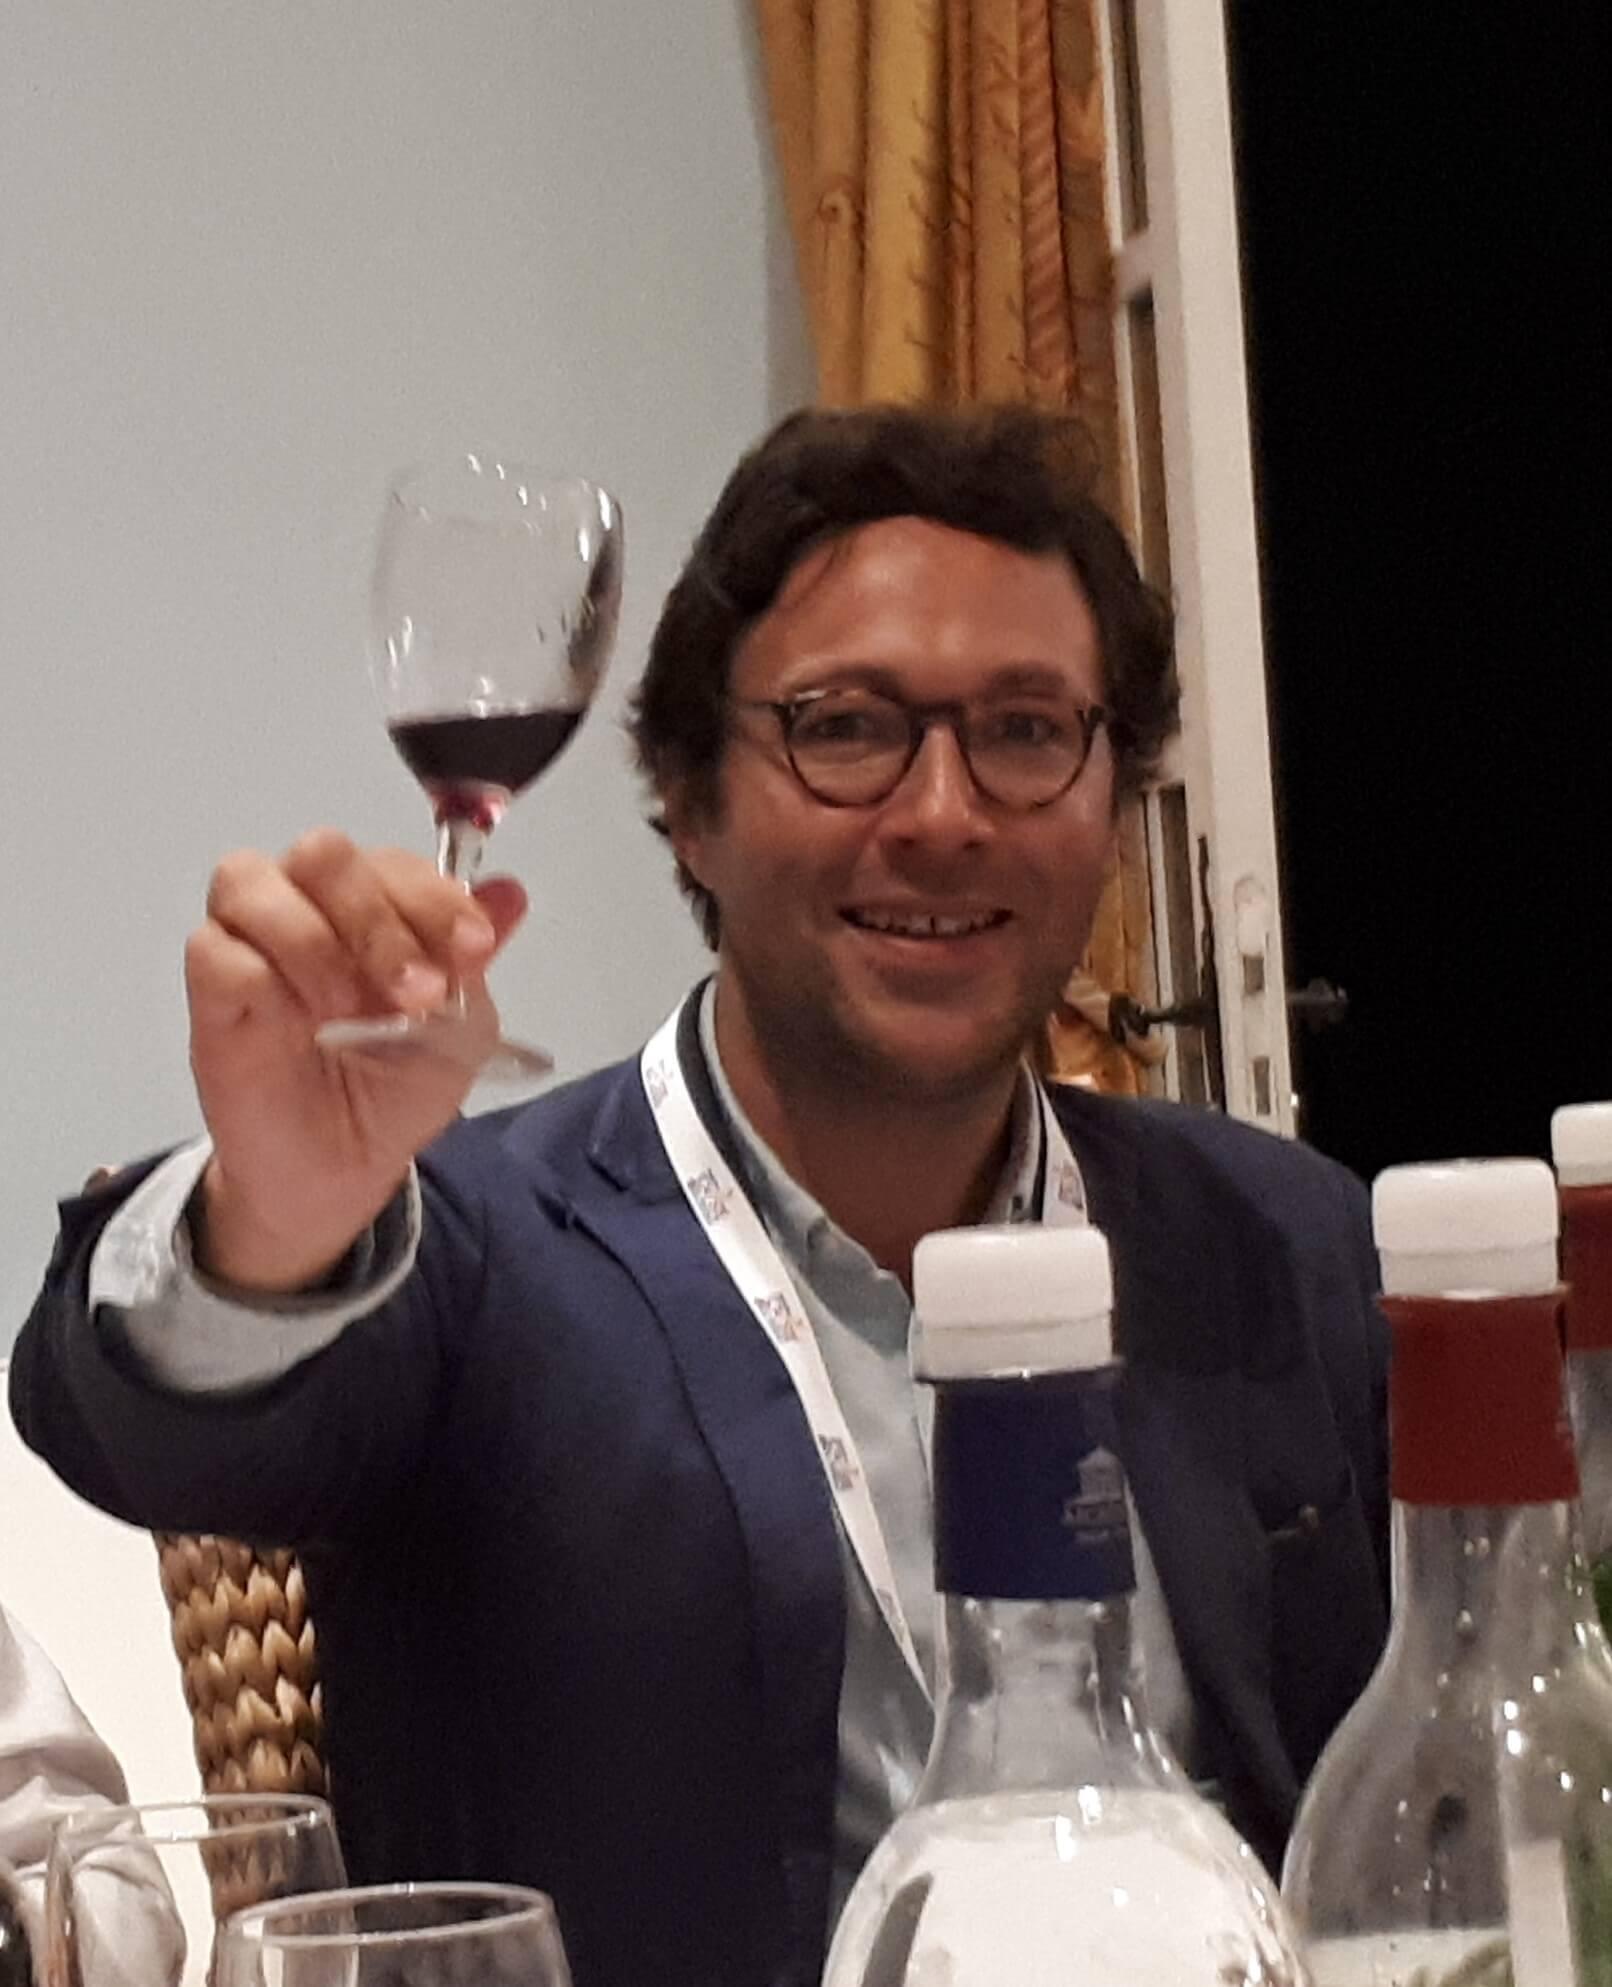 A Granger, Thienot Bordeaux Champagne, Chateau La Garde, Concours du Meilleur caviste de France 2018